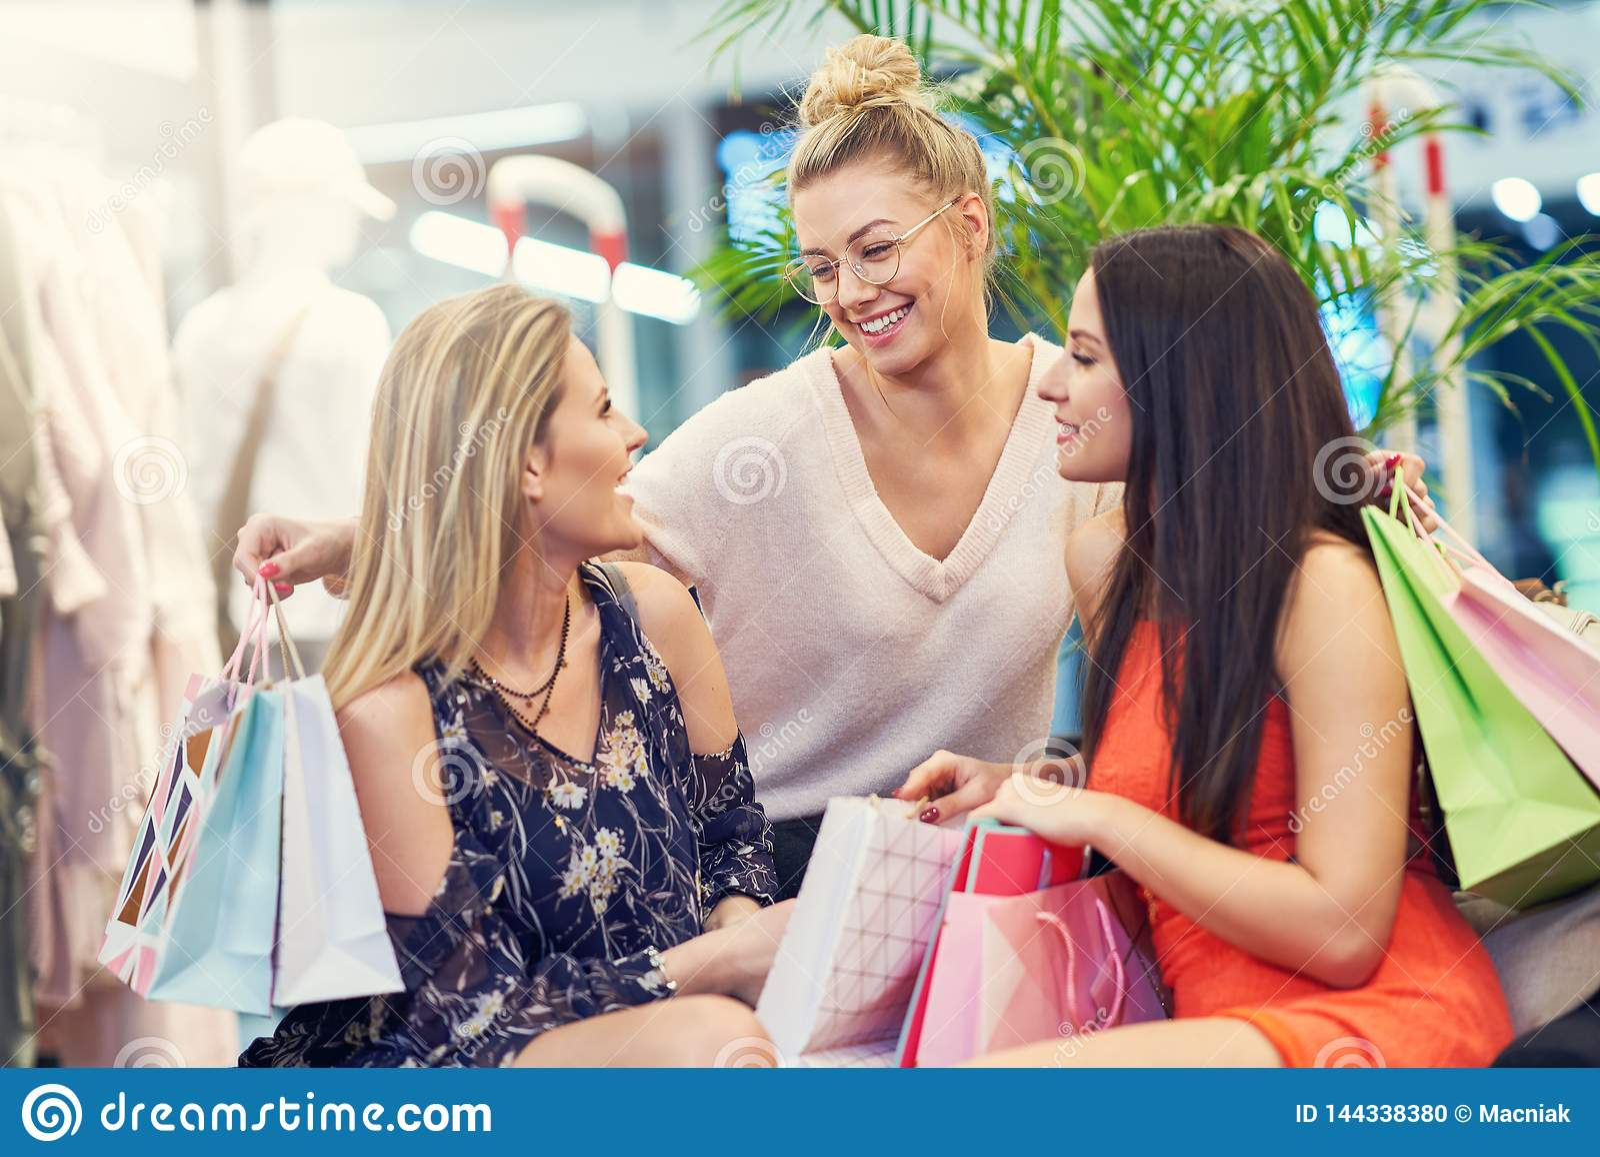 Beeld van groep gelukkige vrienden die voor kleren in wandelgalerij winkelen